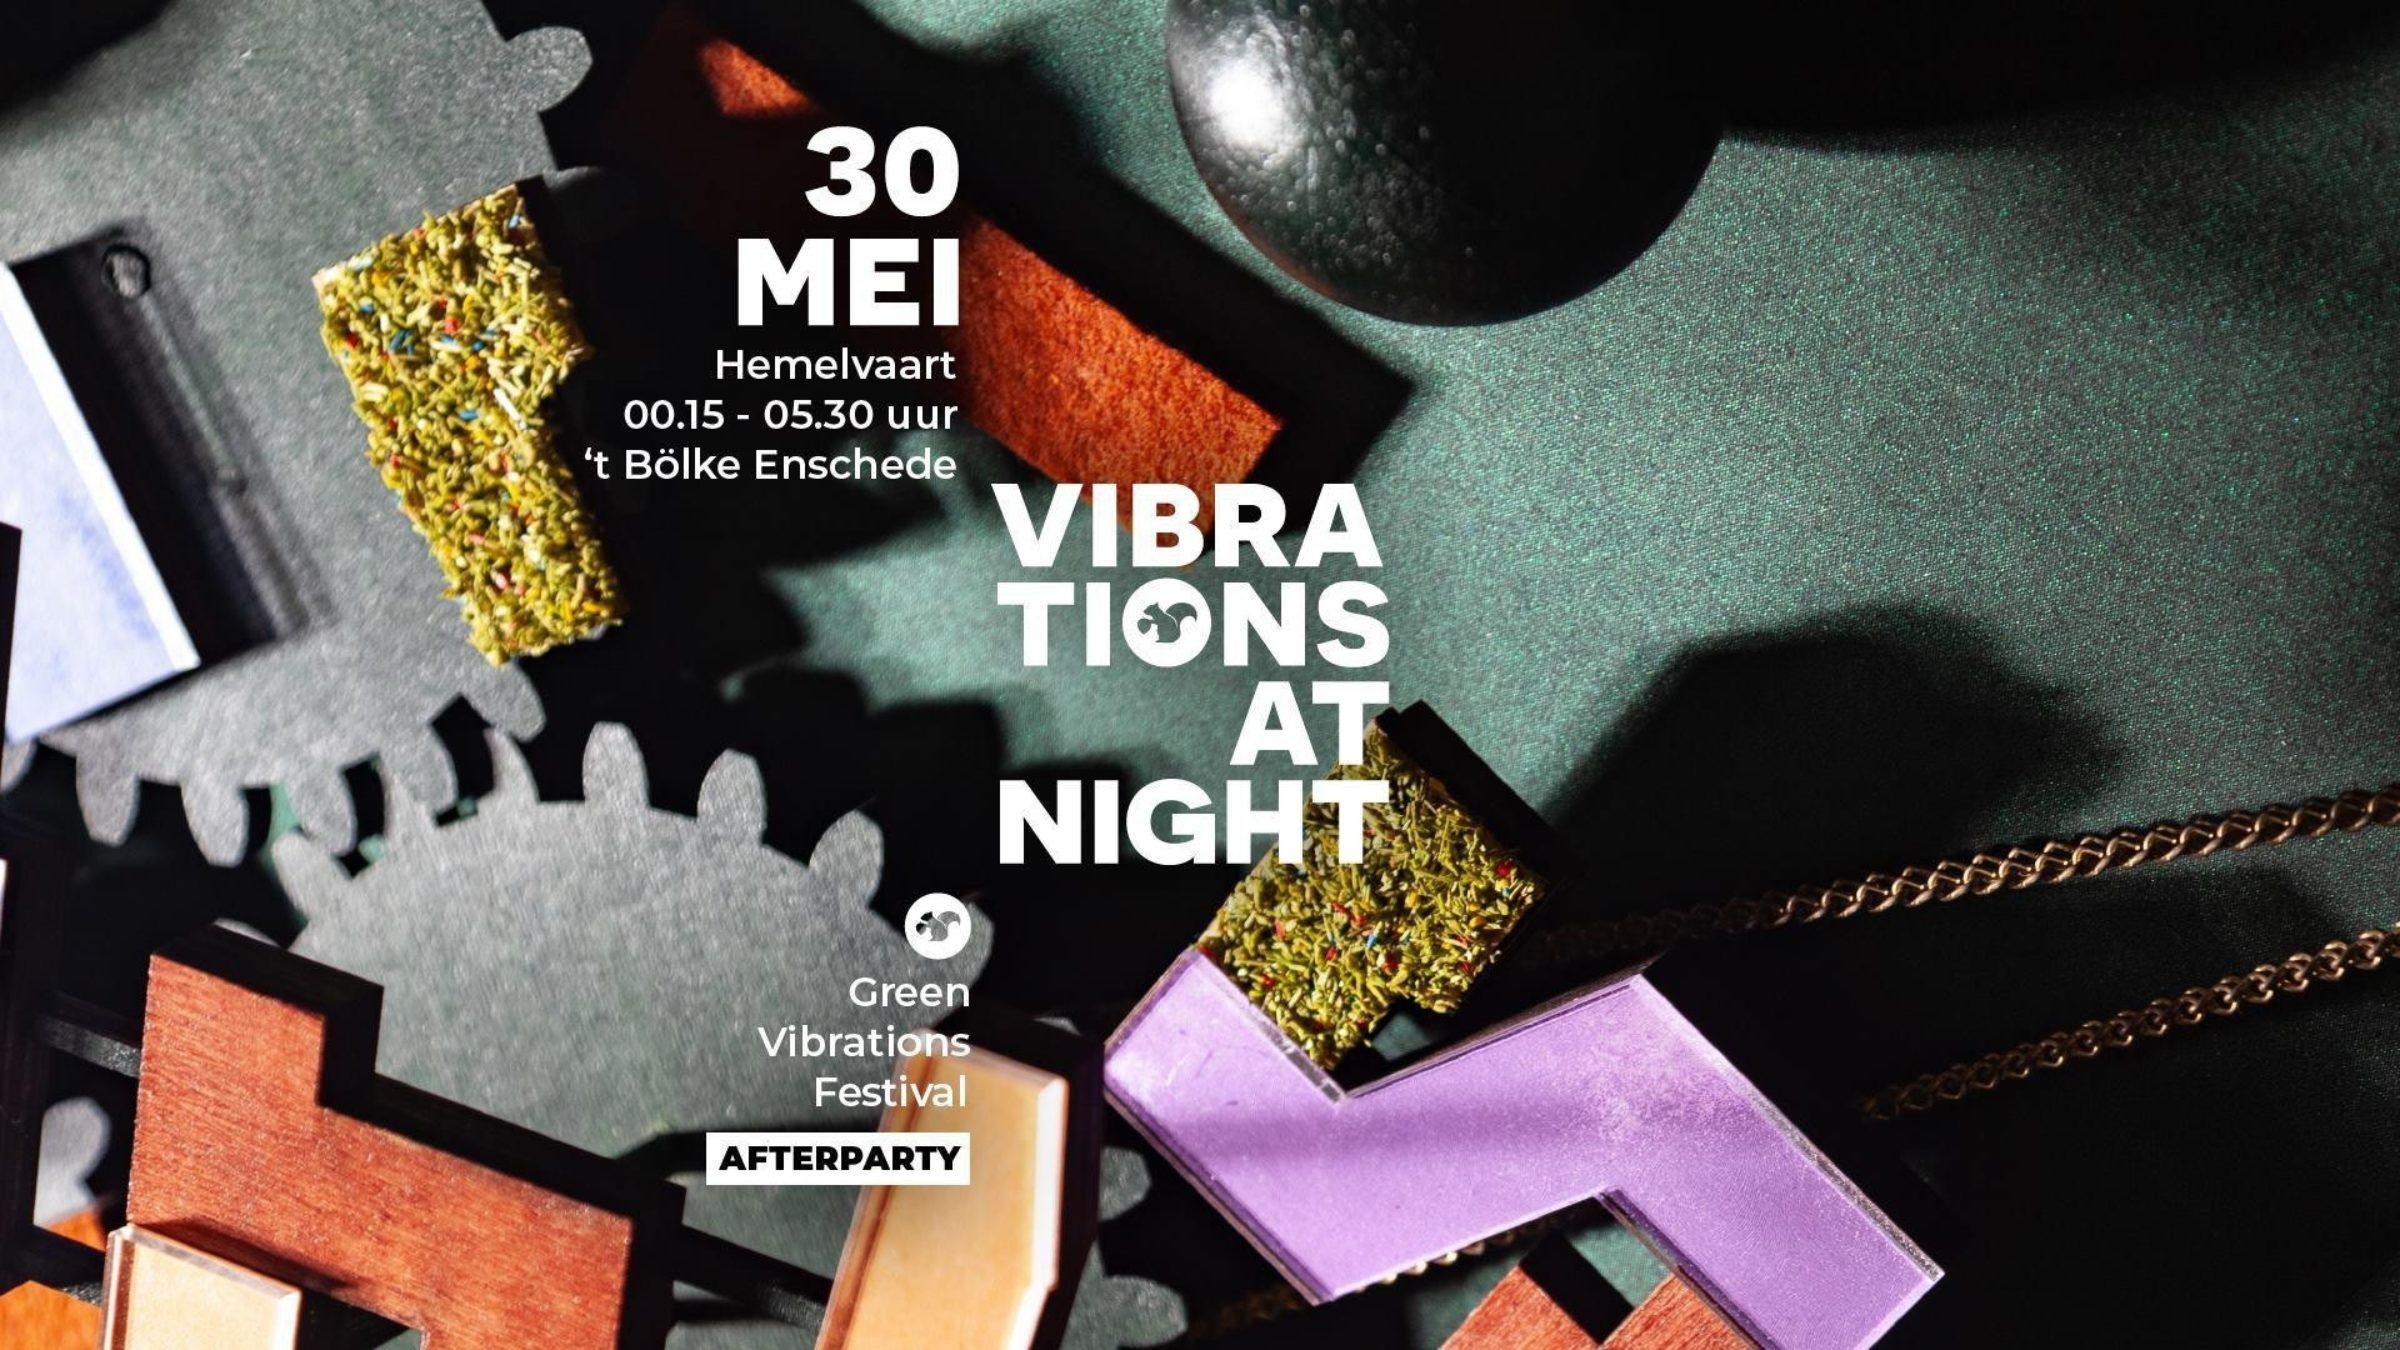 Vibrations at Night 2526 1553526634 35hxekj51s